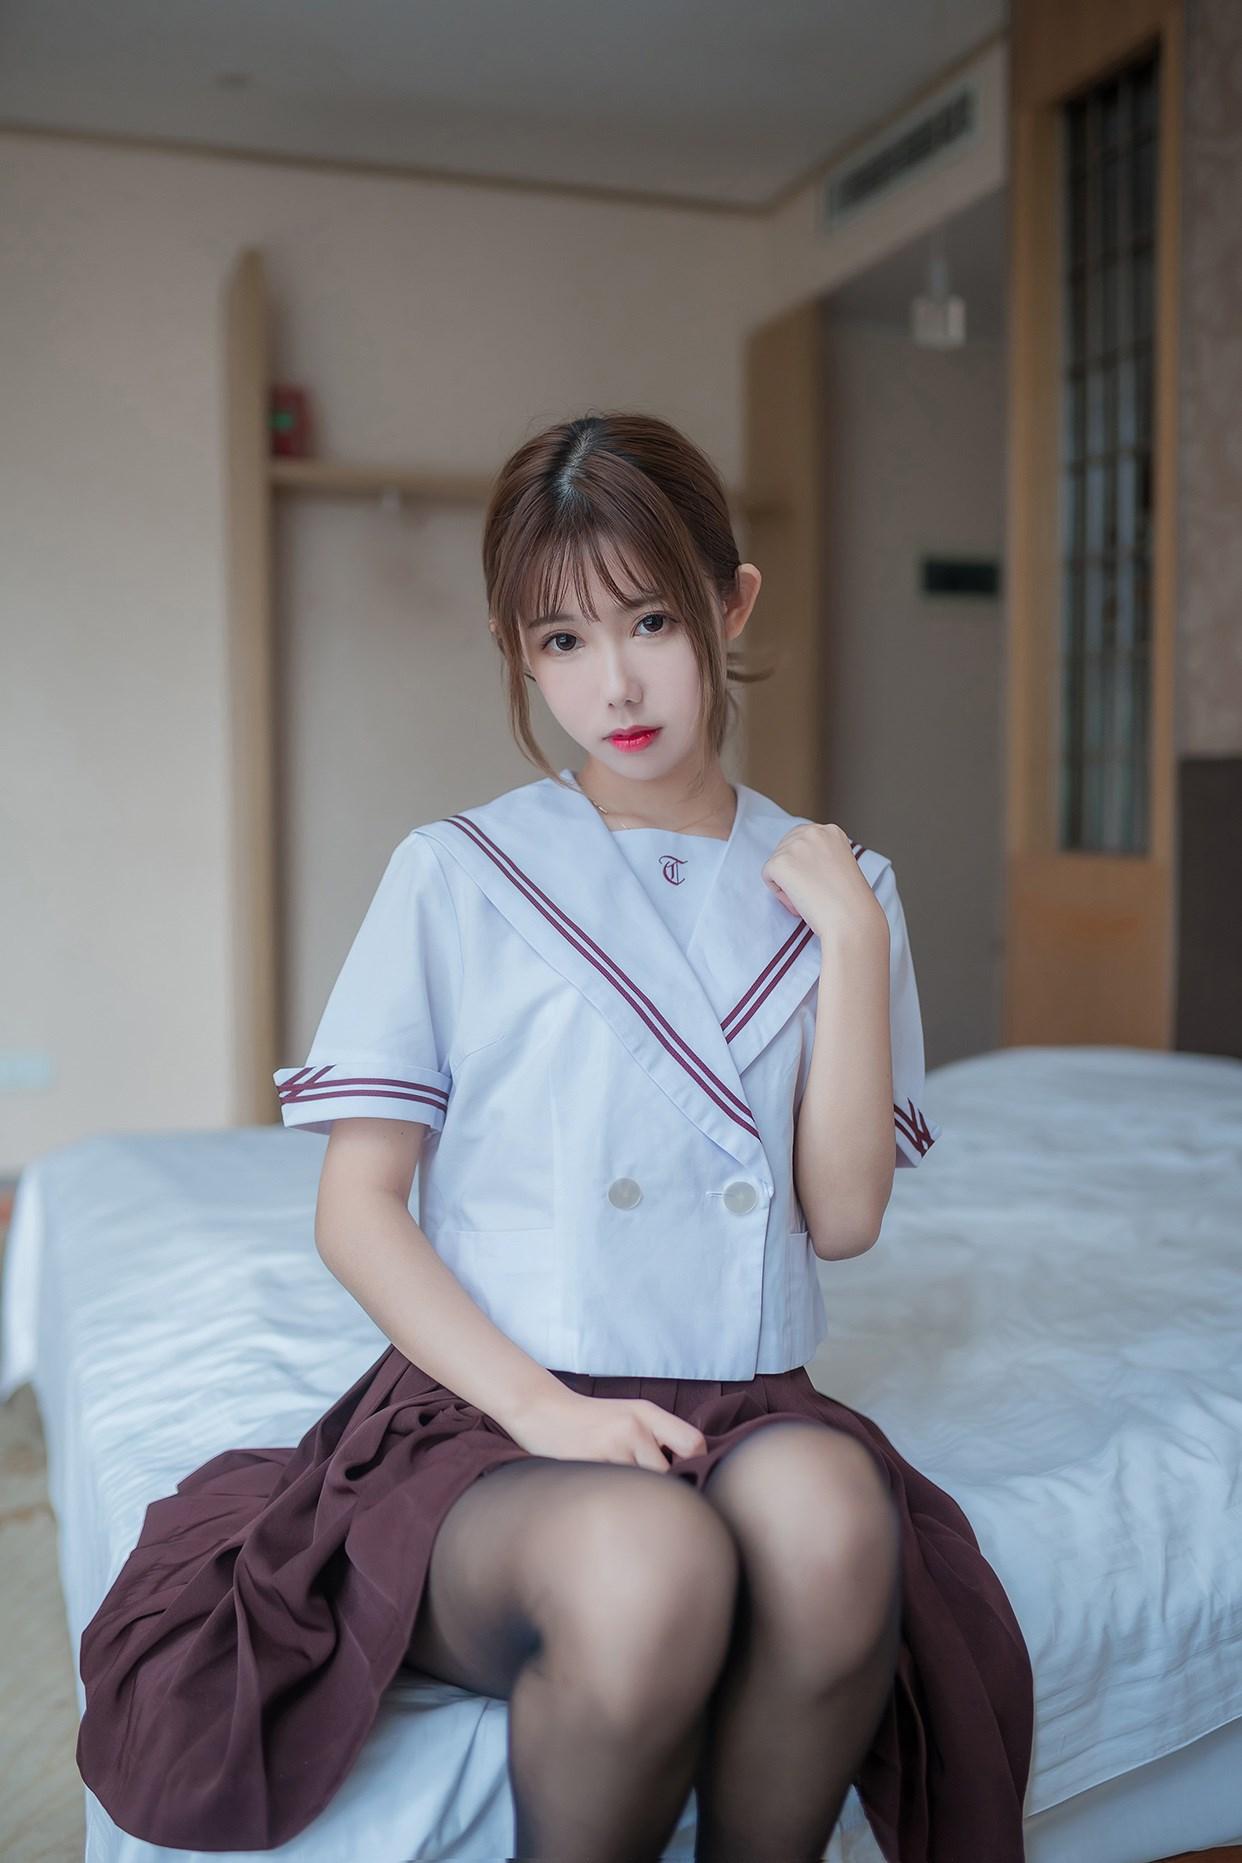 【兔玩映画】黑丝jk少女 兔玩映画 第43张